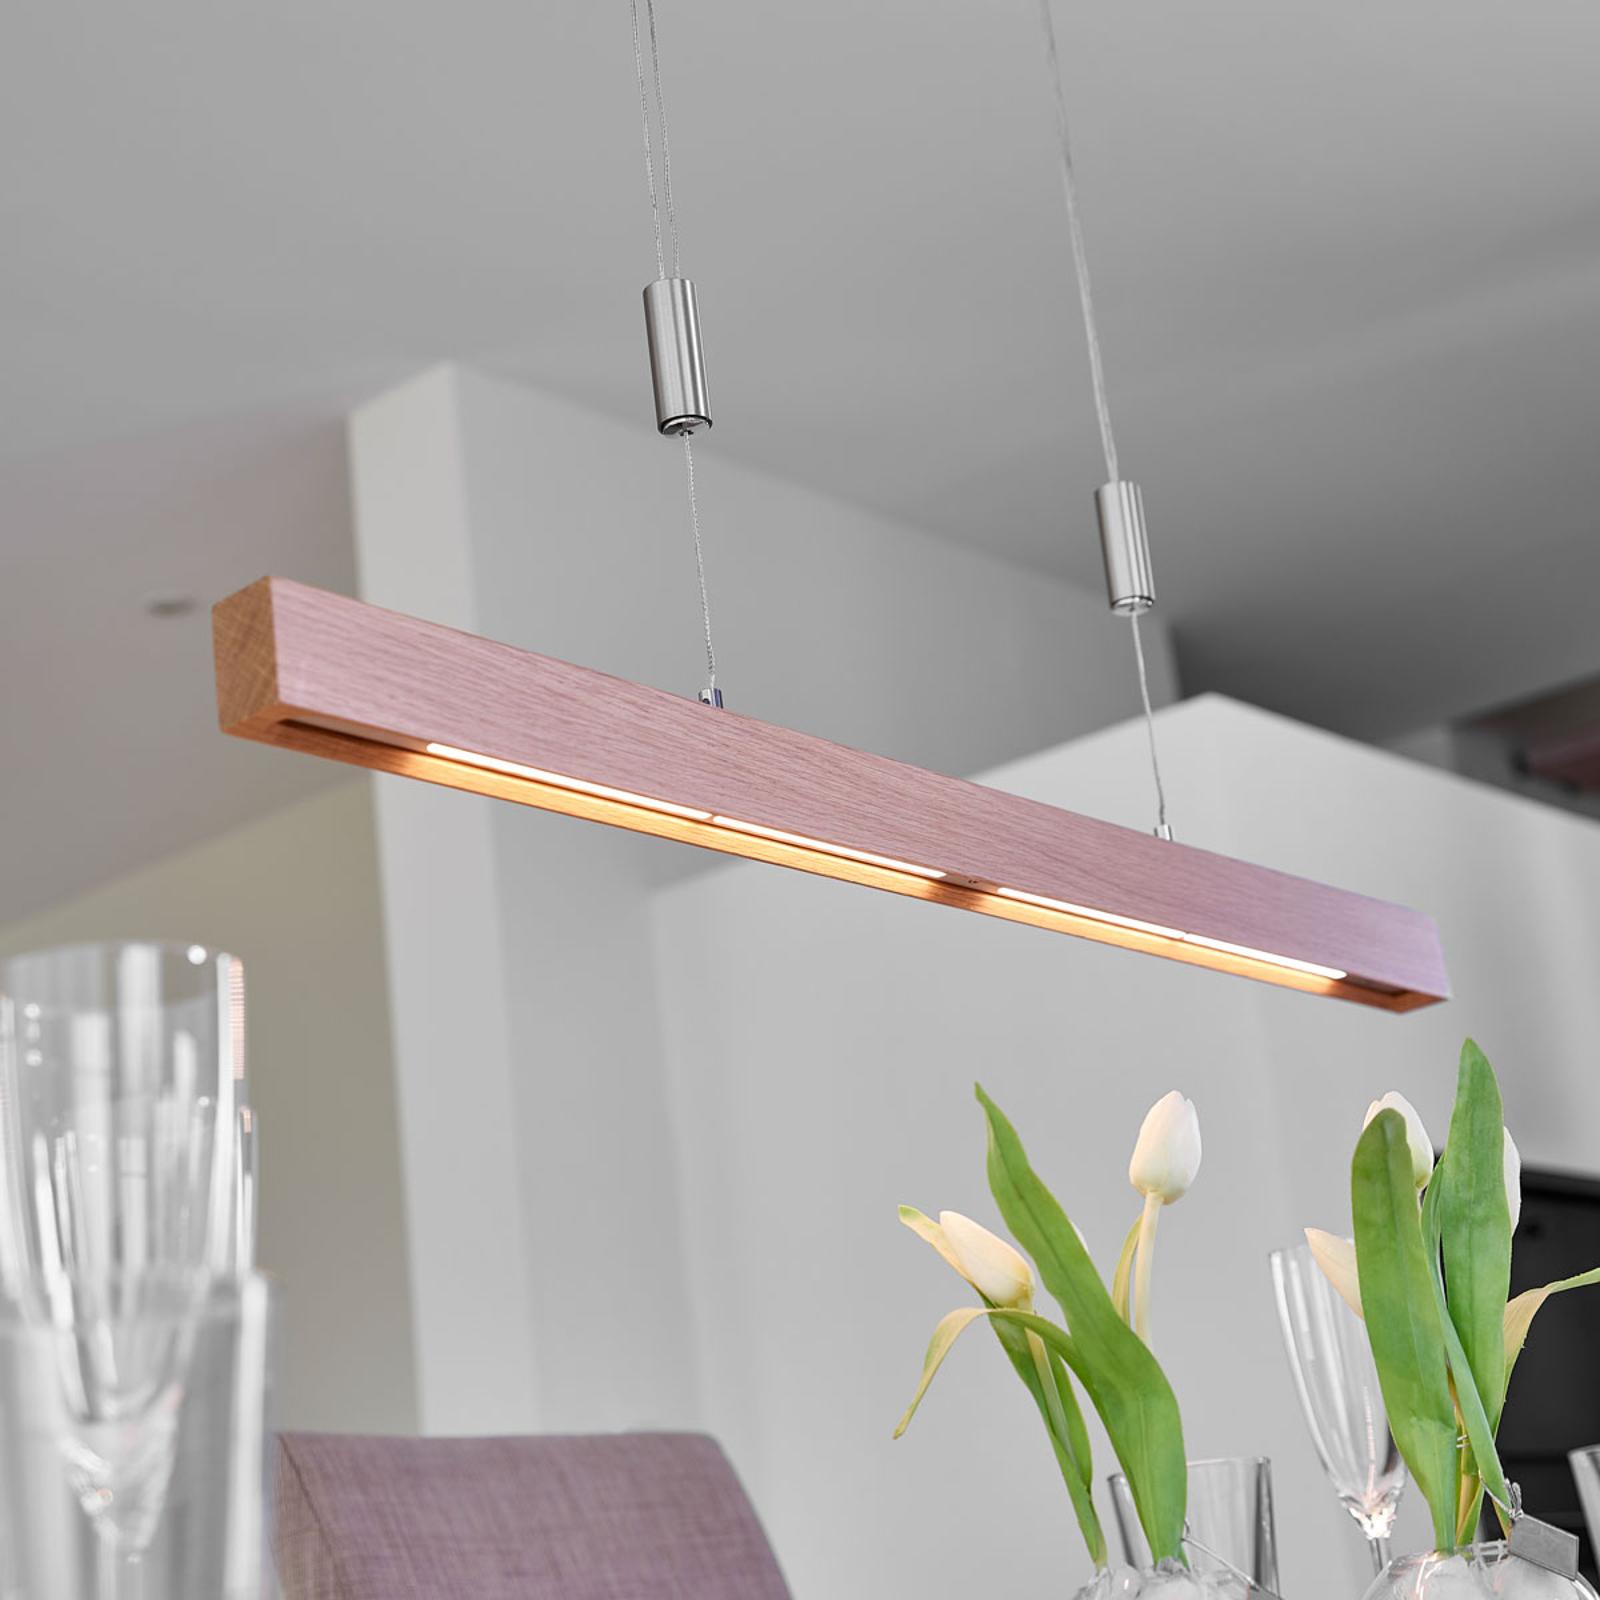 Lampa wisząca LED Nora w formie belki, dąb, 78 cm